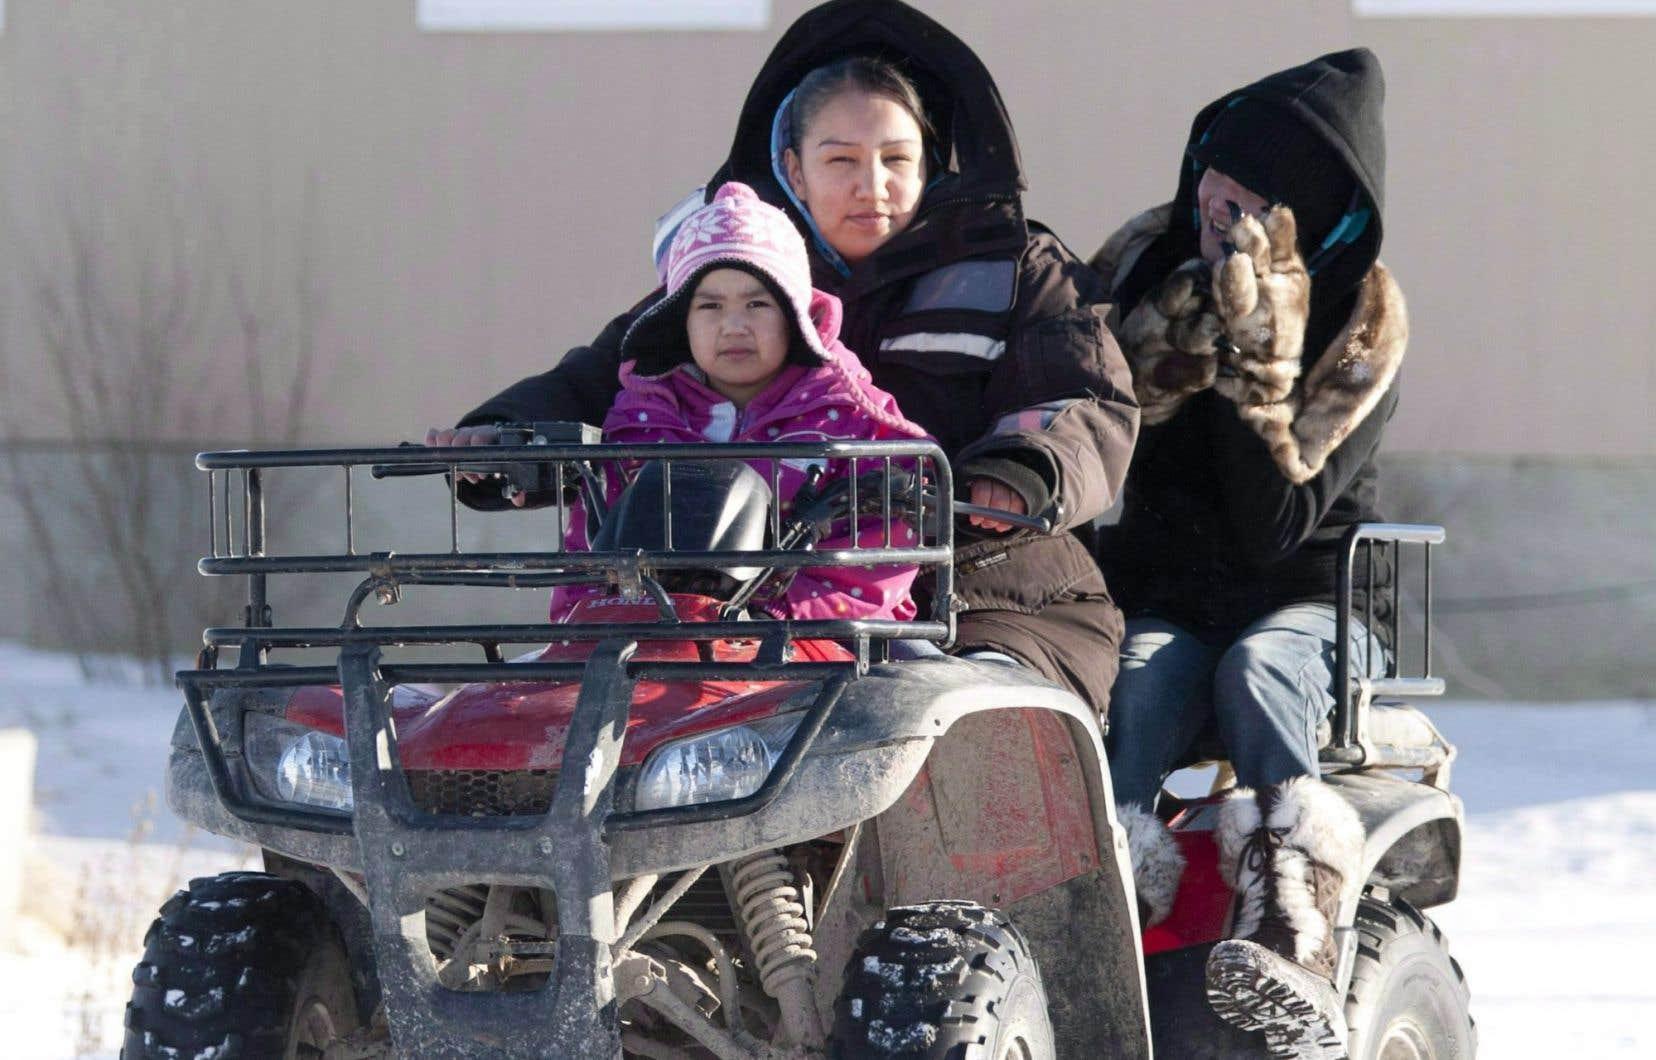 Le gouvernement fédéral a fait preuve de discrimination raciale envers les enfants des réserves autochtones dans son financement des services à l'enfance, a tranché le Tribunal canadien des droits de la personne.